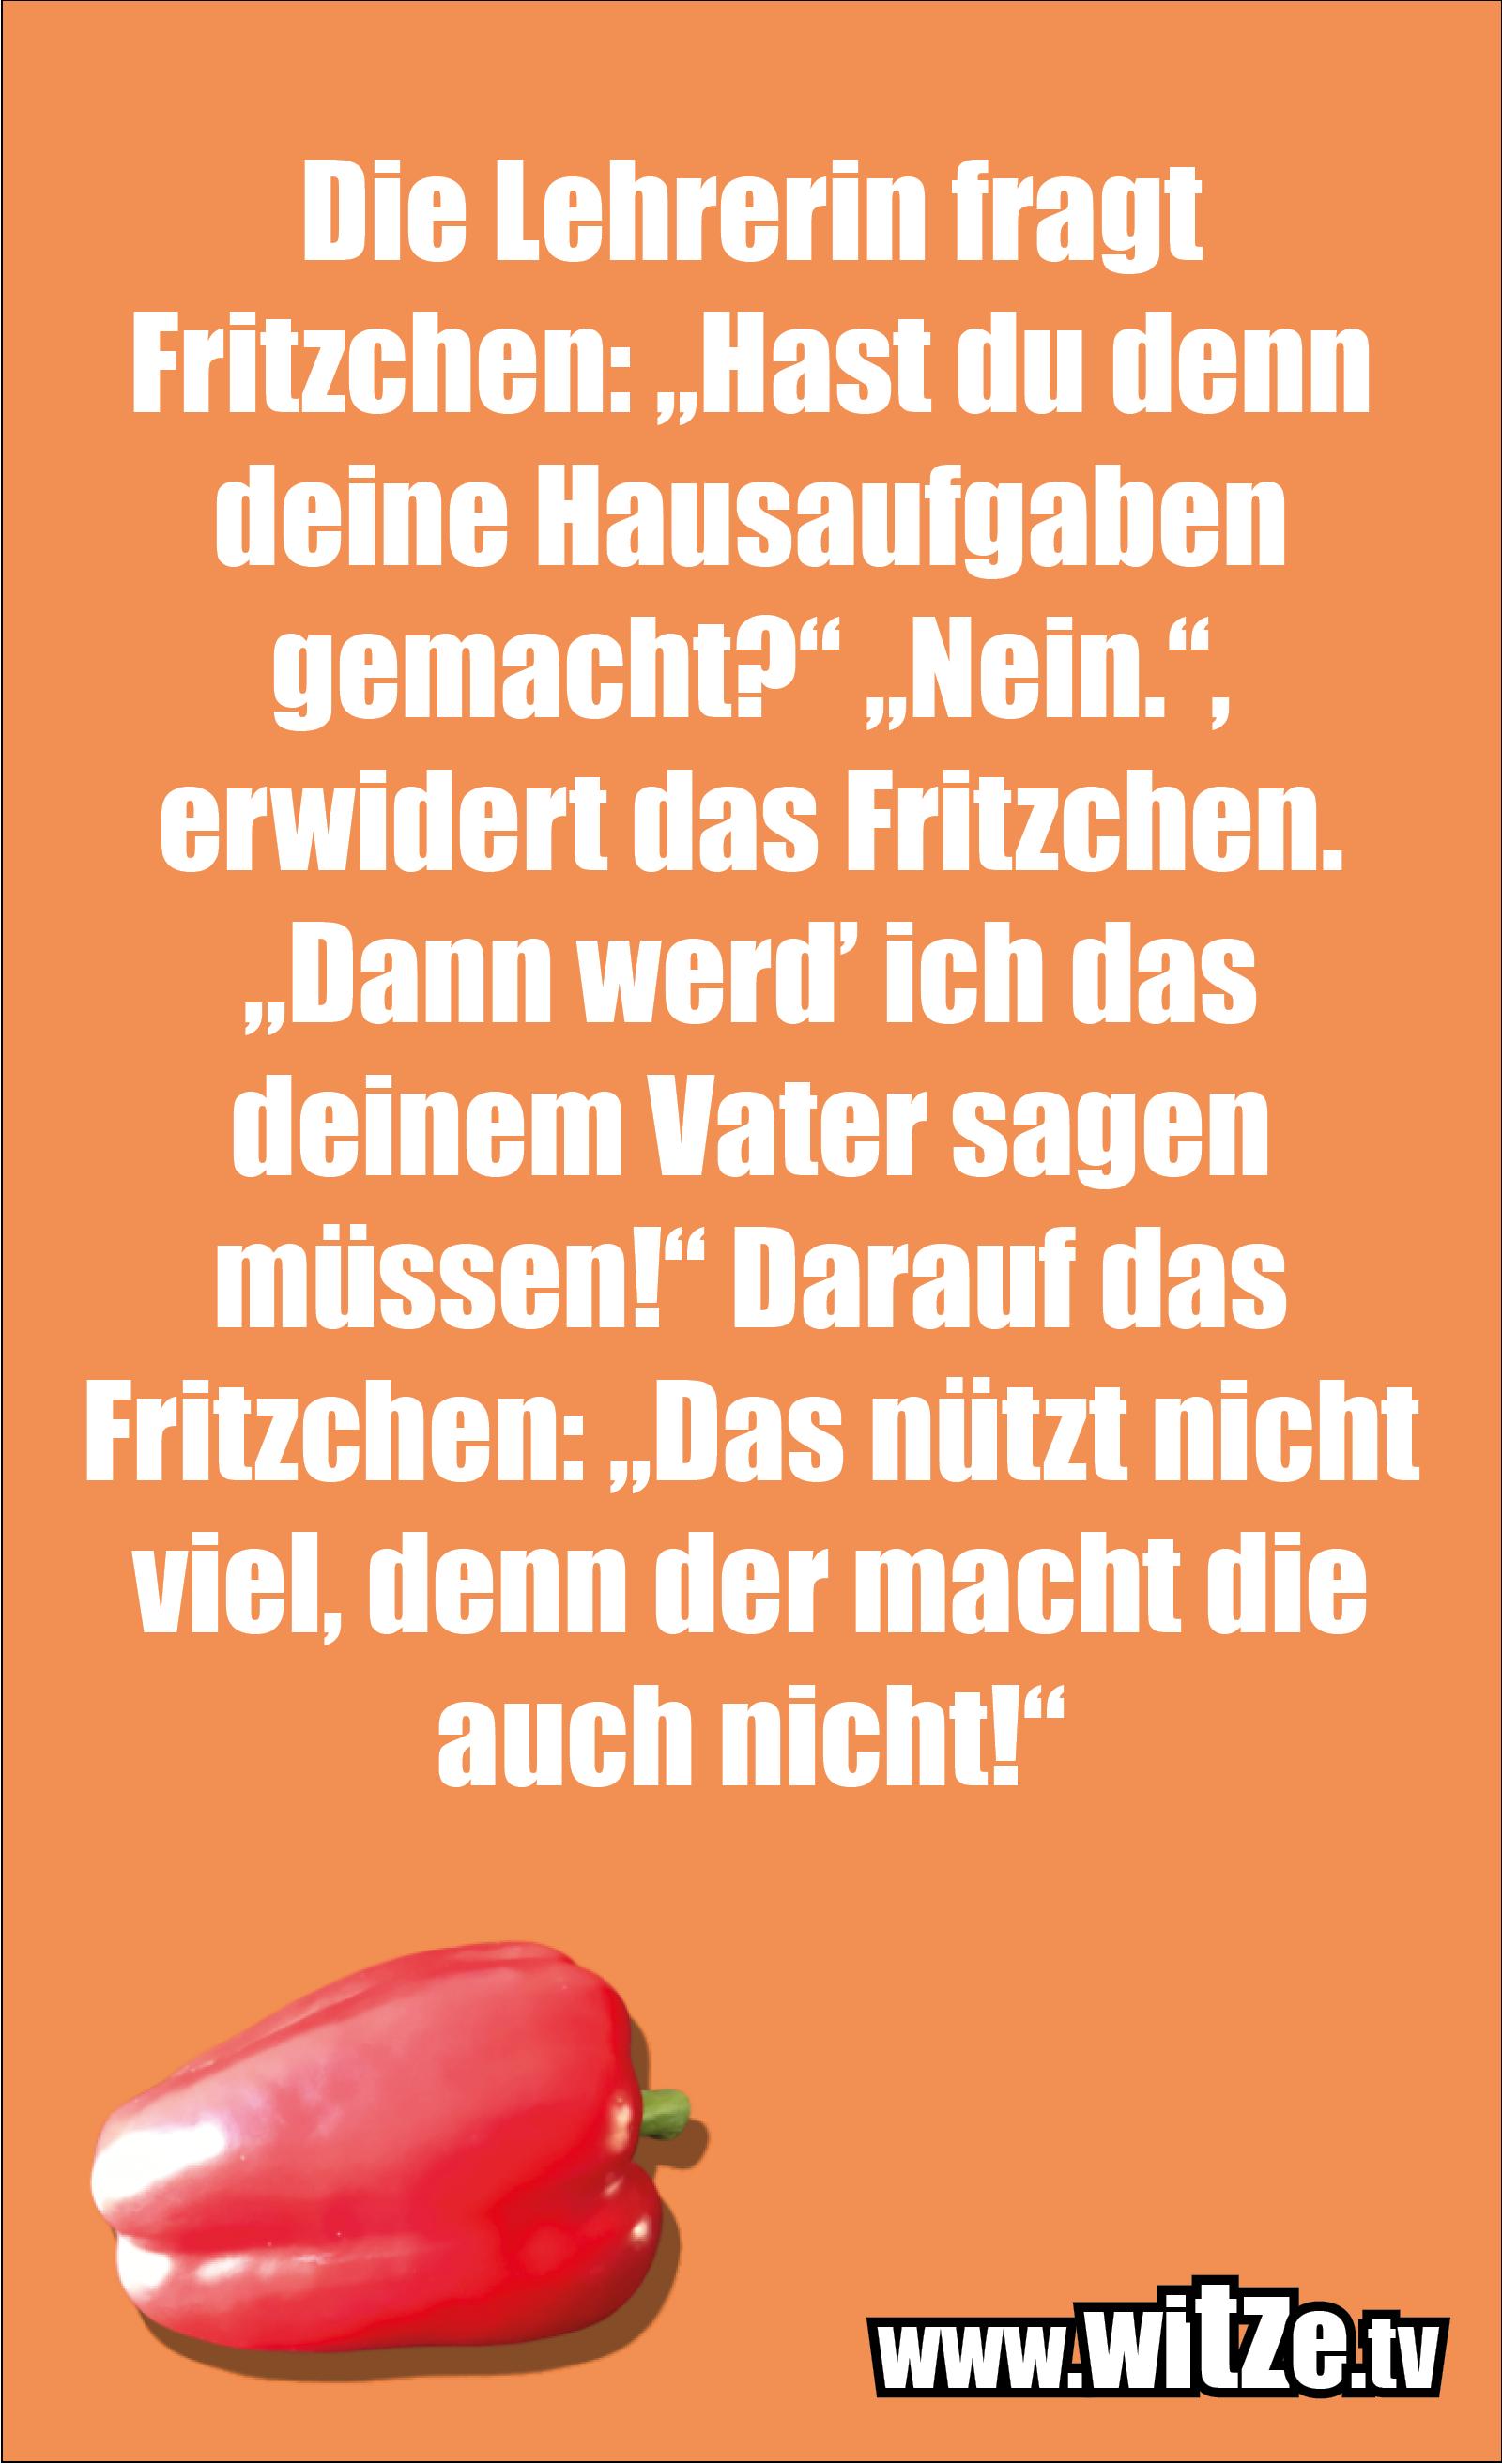 Witz über... Die Lehrerin fragt Fritzchen...